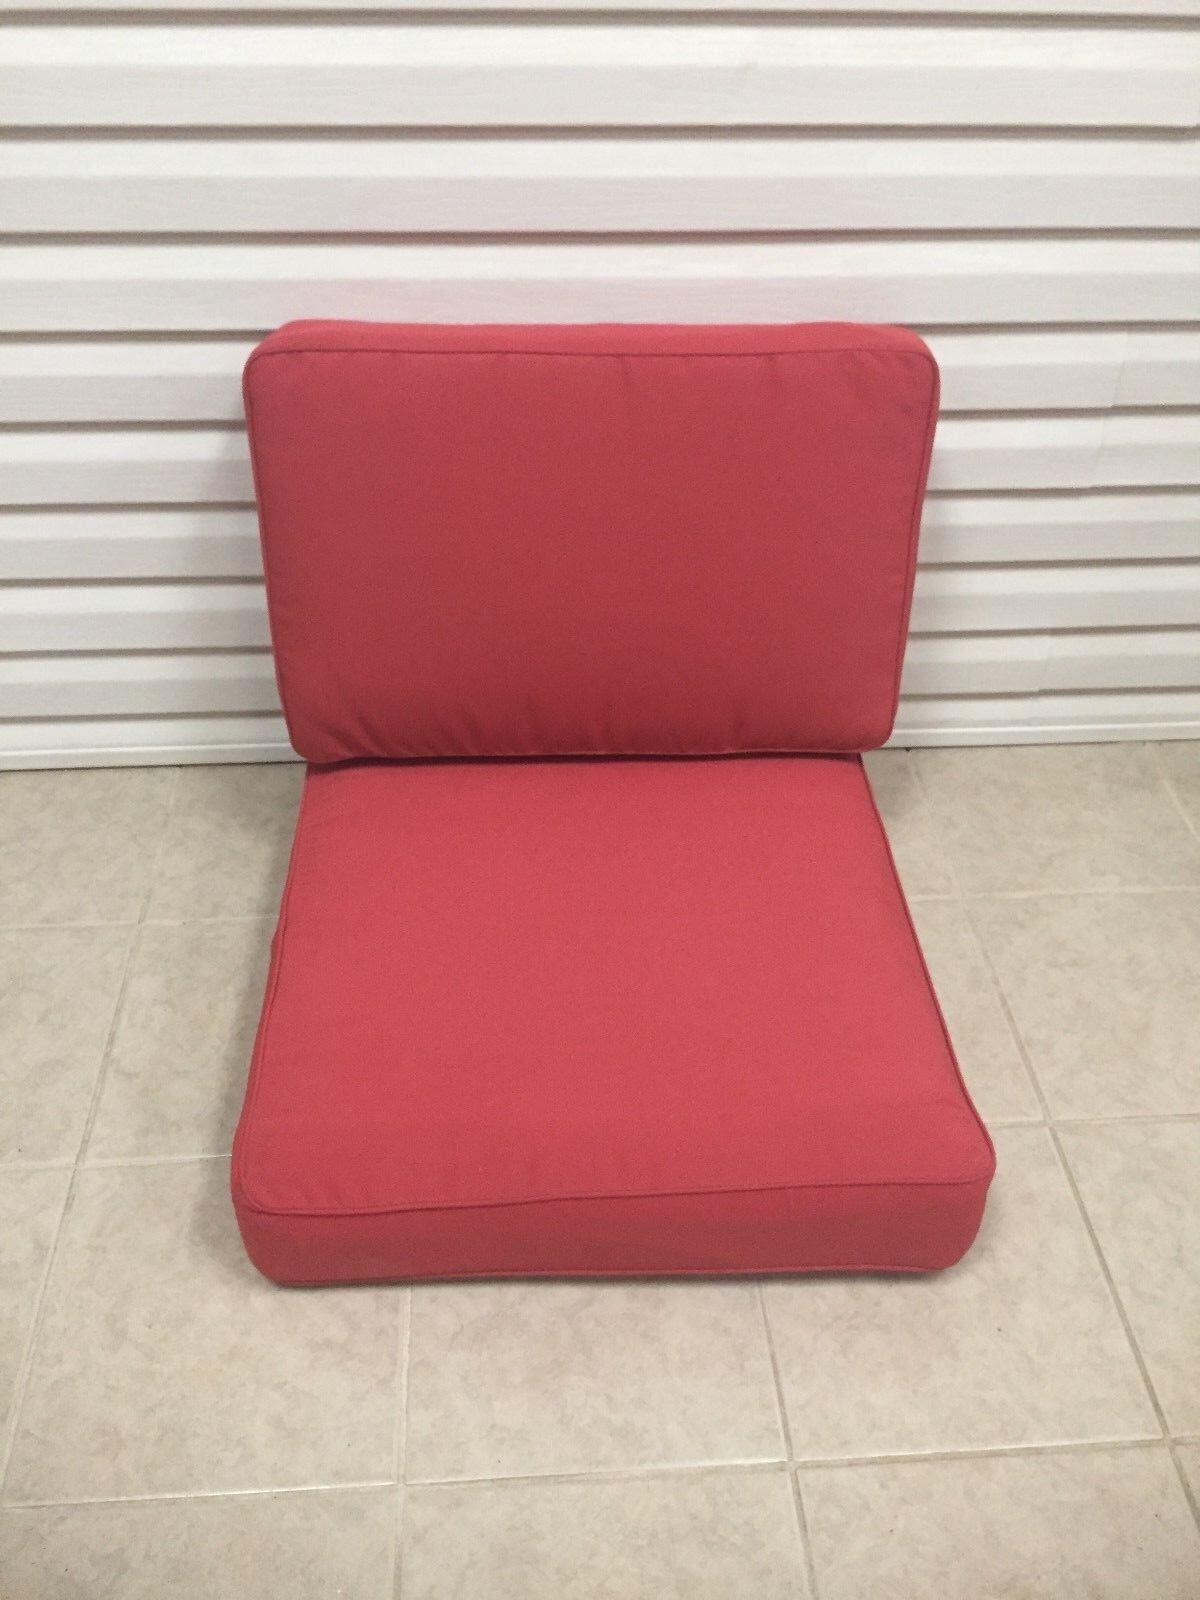 2 PC frontgate profundo asiento Lounge Cojines de Silla Sofá de patio al aire libre 26x26 Nuevo